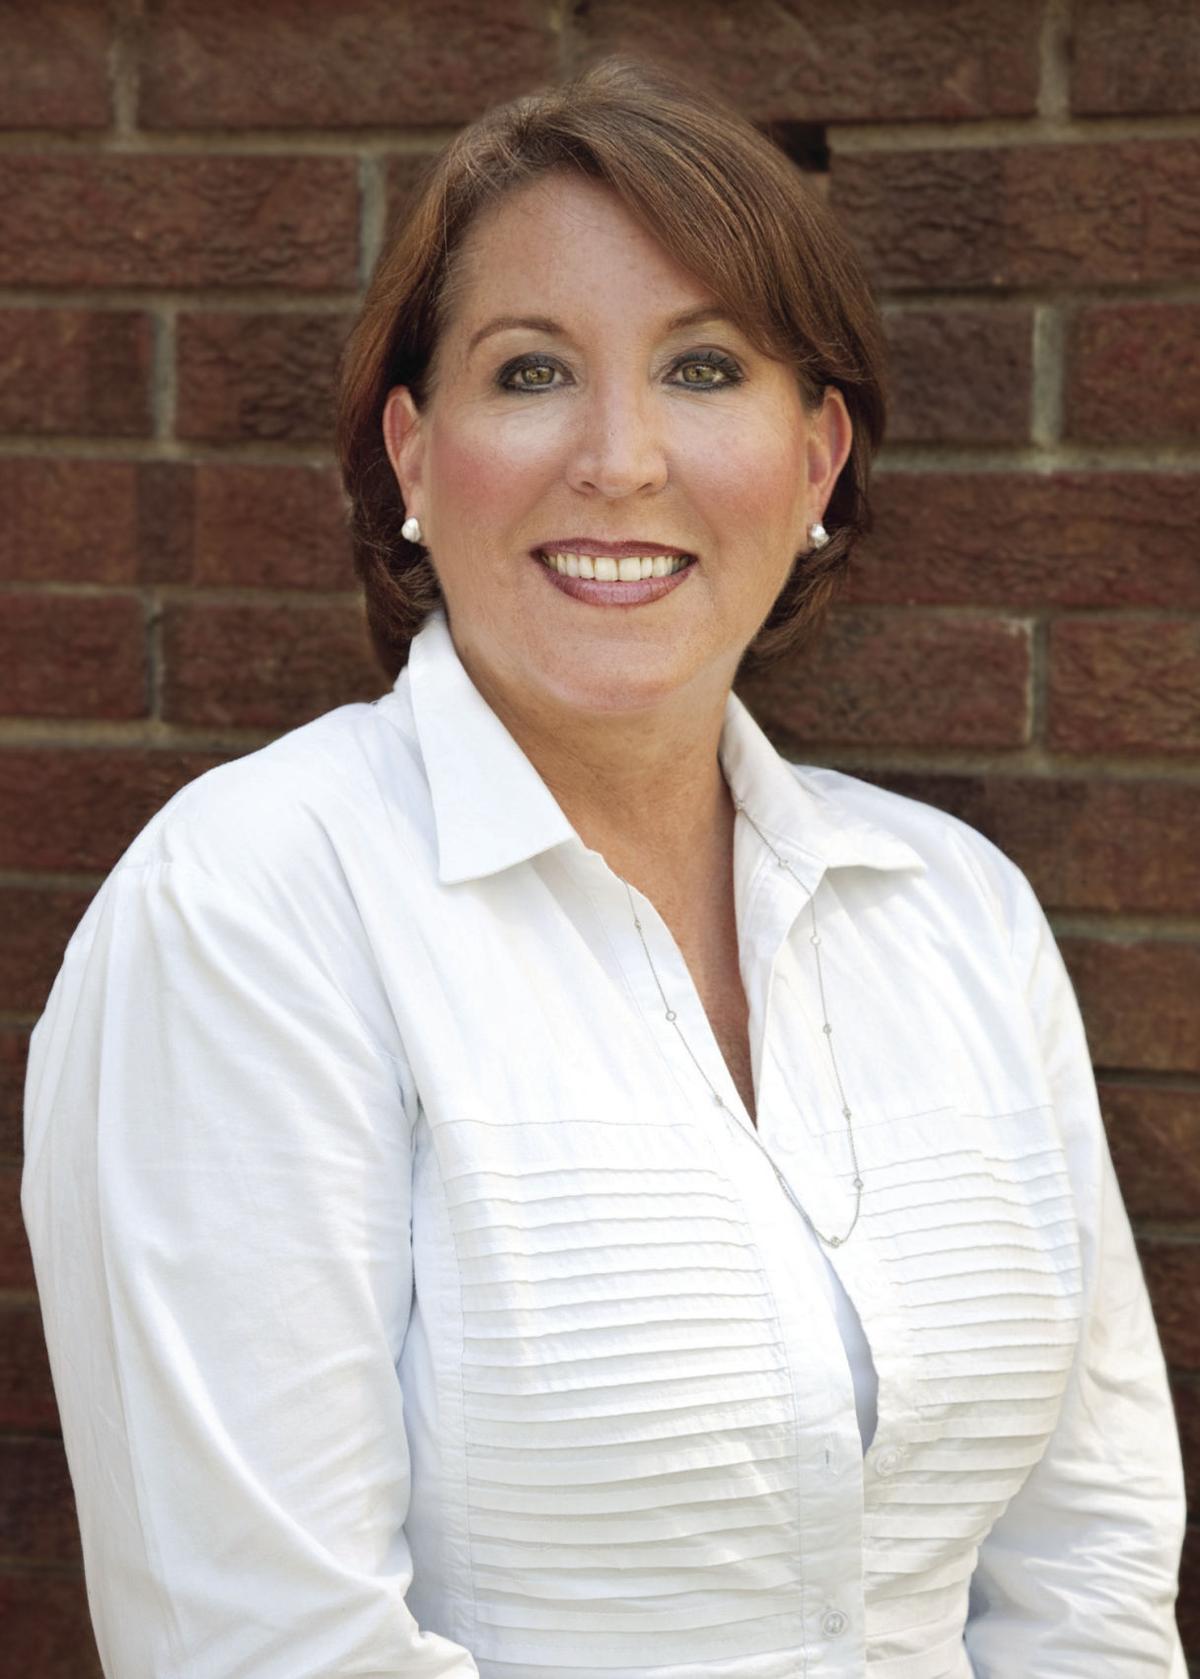 Lisa Kimble